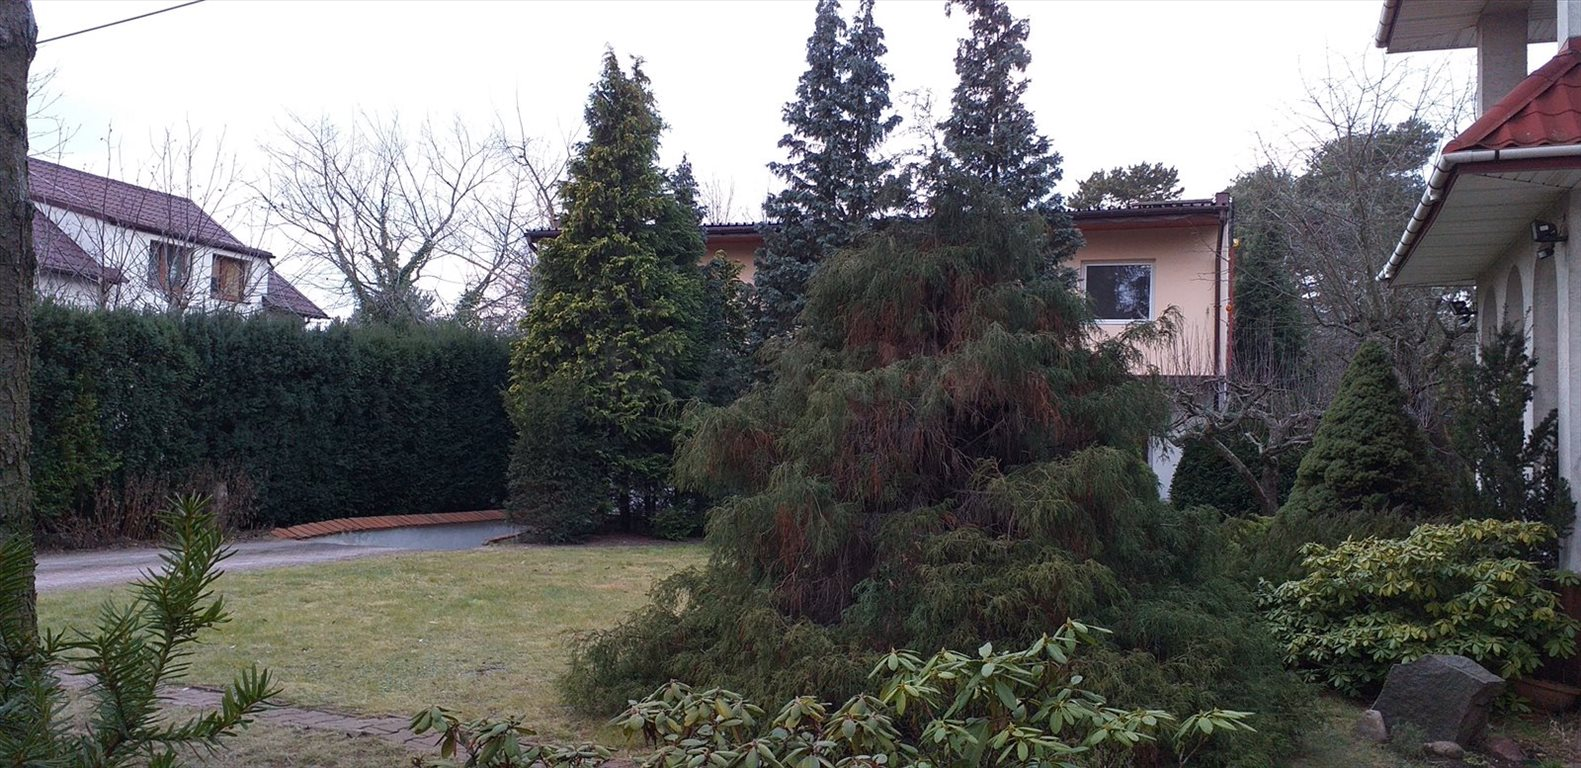 Dom na wynajem Otwock, Bagatela  85m2 Foto 5